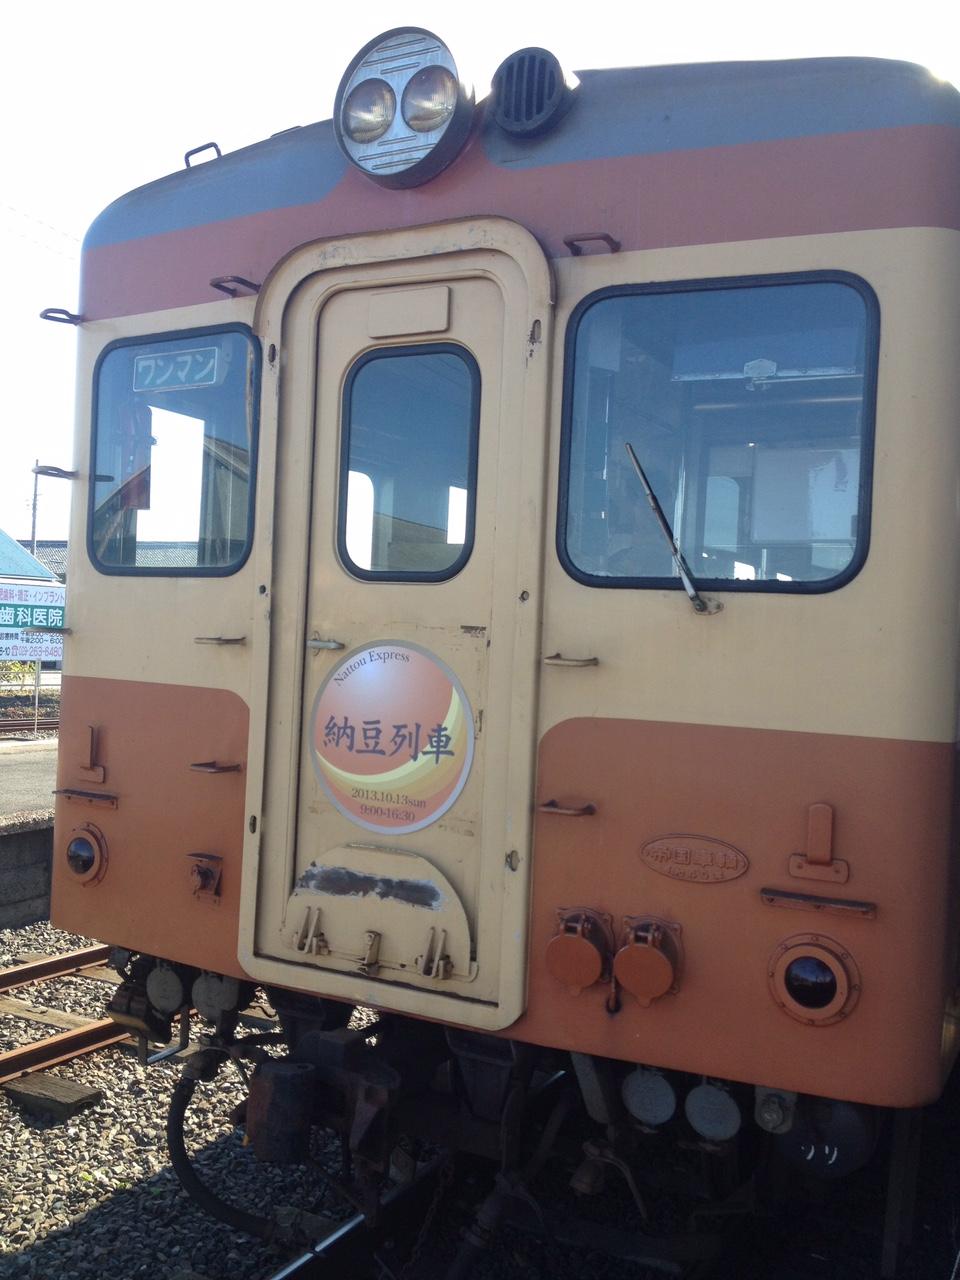 納豆列車2015運行イベント開催予定